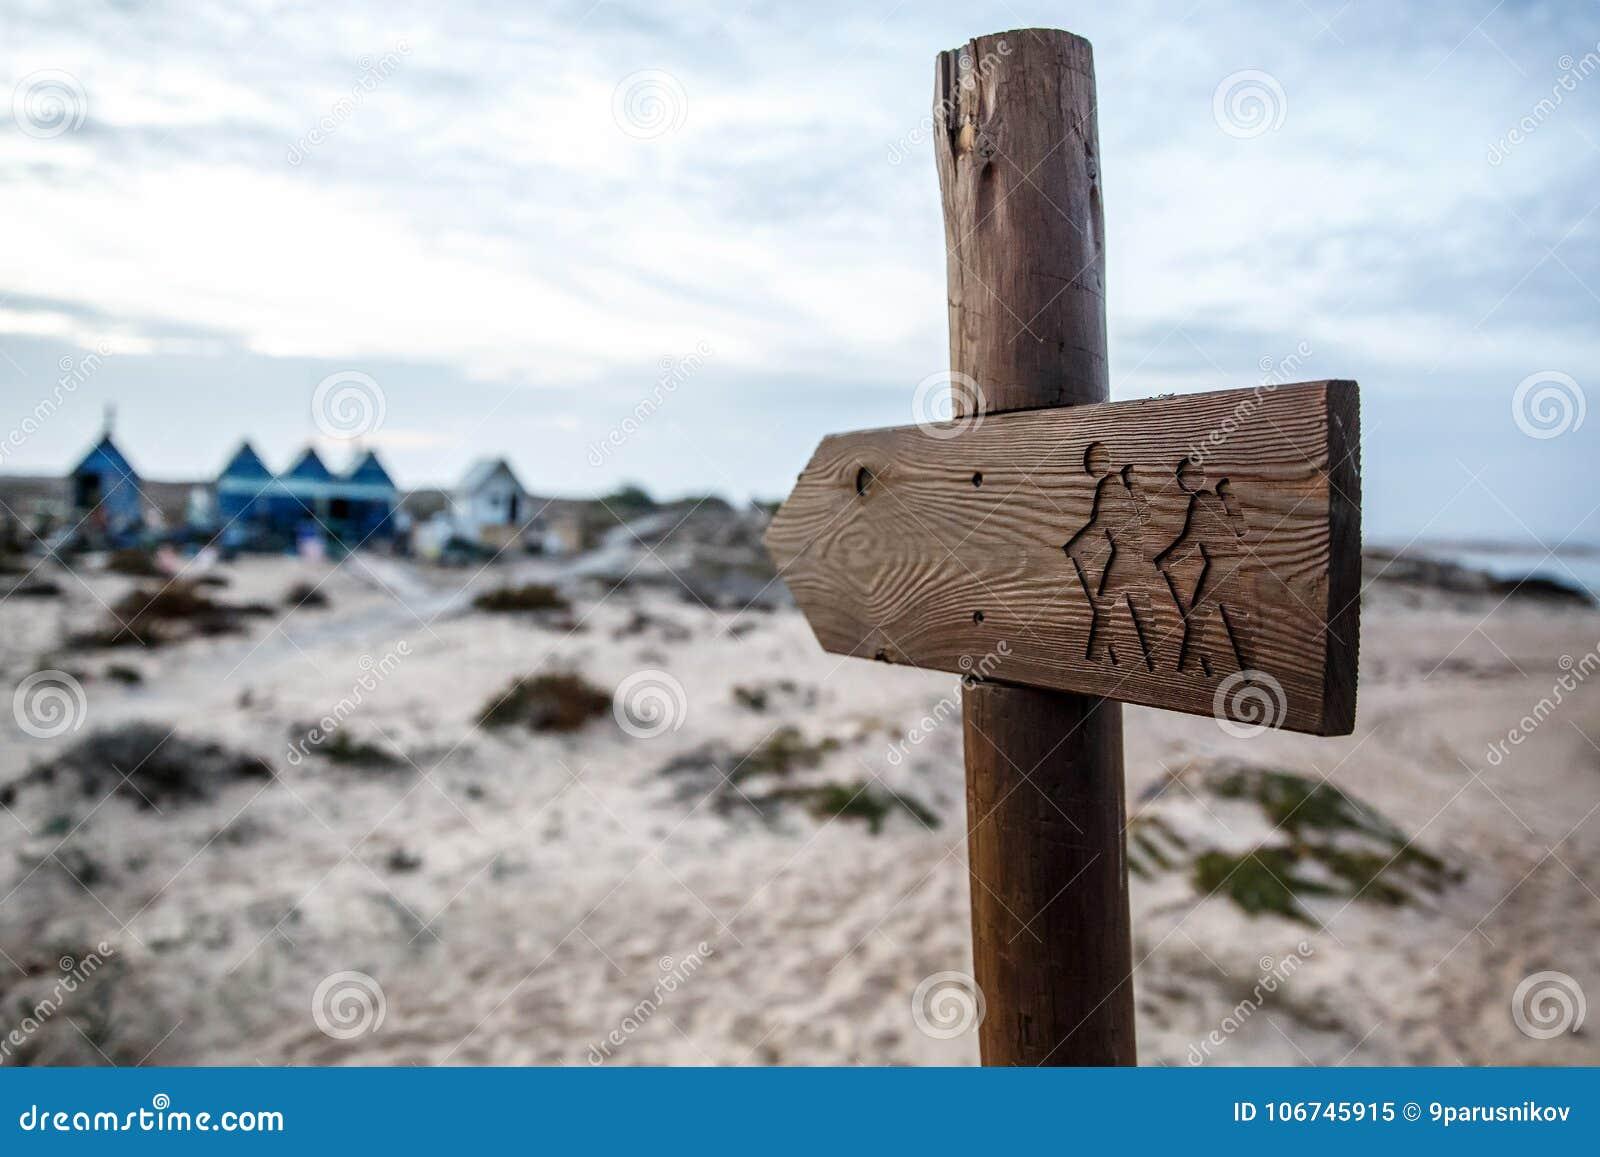 Drewniany turystyczny pointer, podróżnicy z plecakami na talerzu